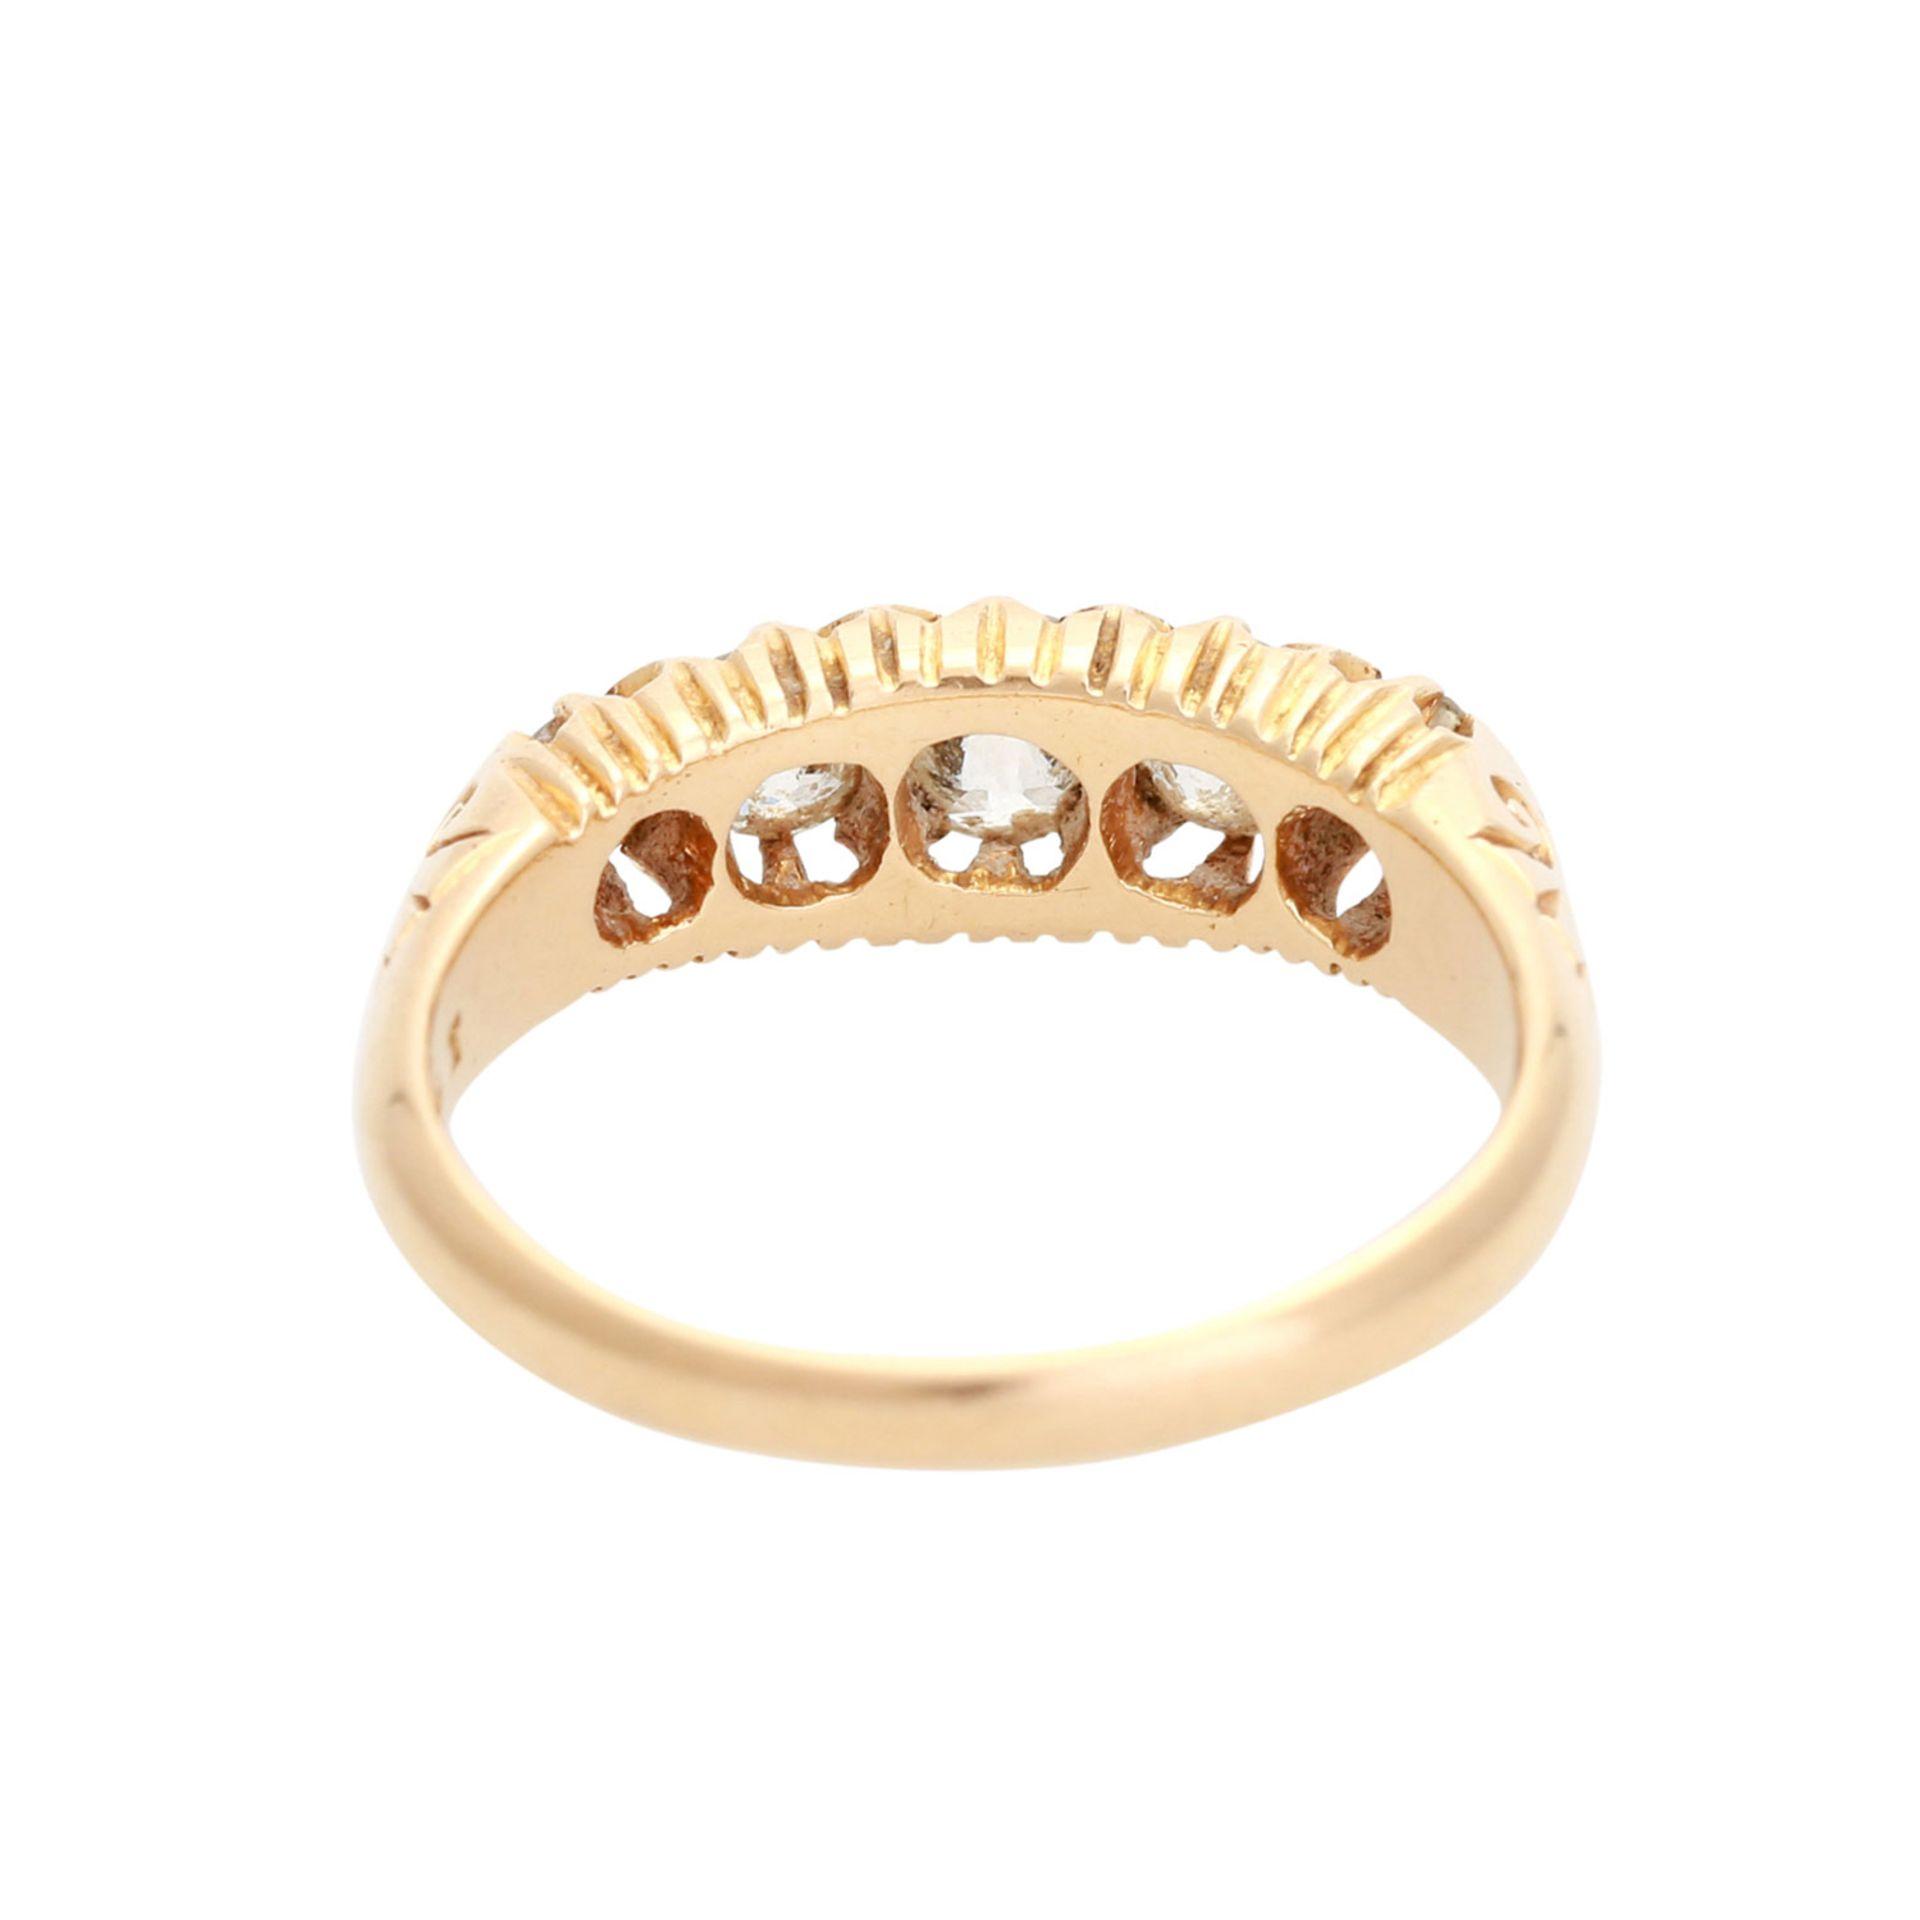 Los 45 - Damenring mit 5 Altschliffdiamanten von runder bis ovaler Form zus. ca. 1 ct WEIß (H) / SI in GG